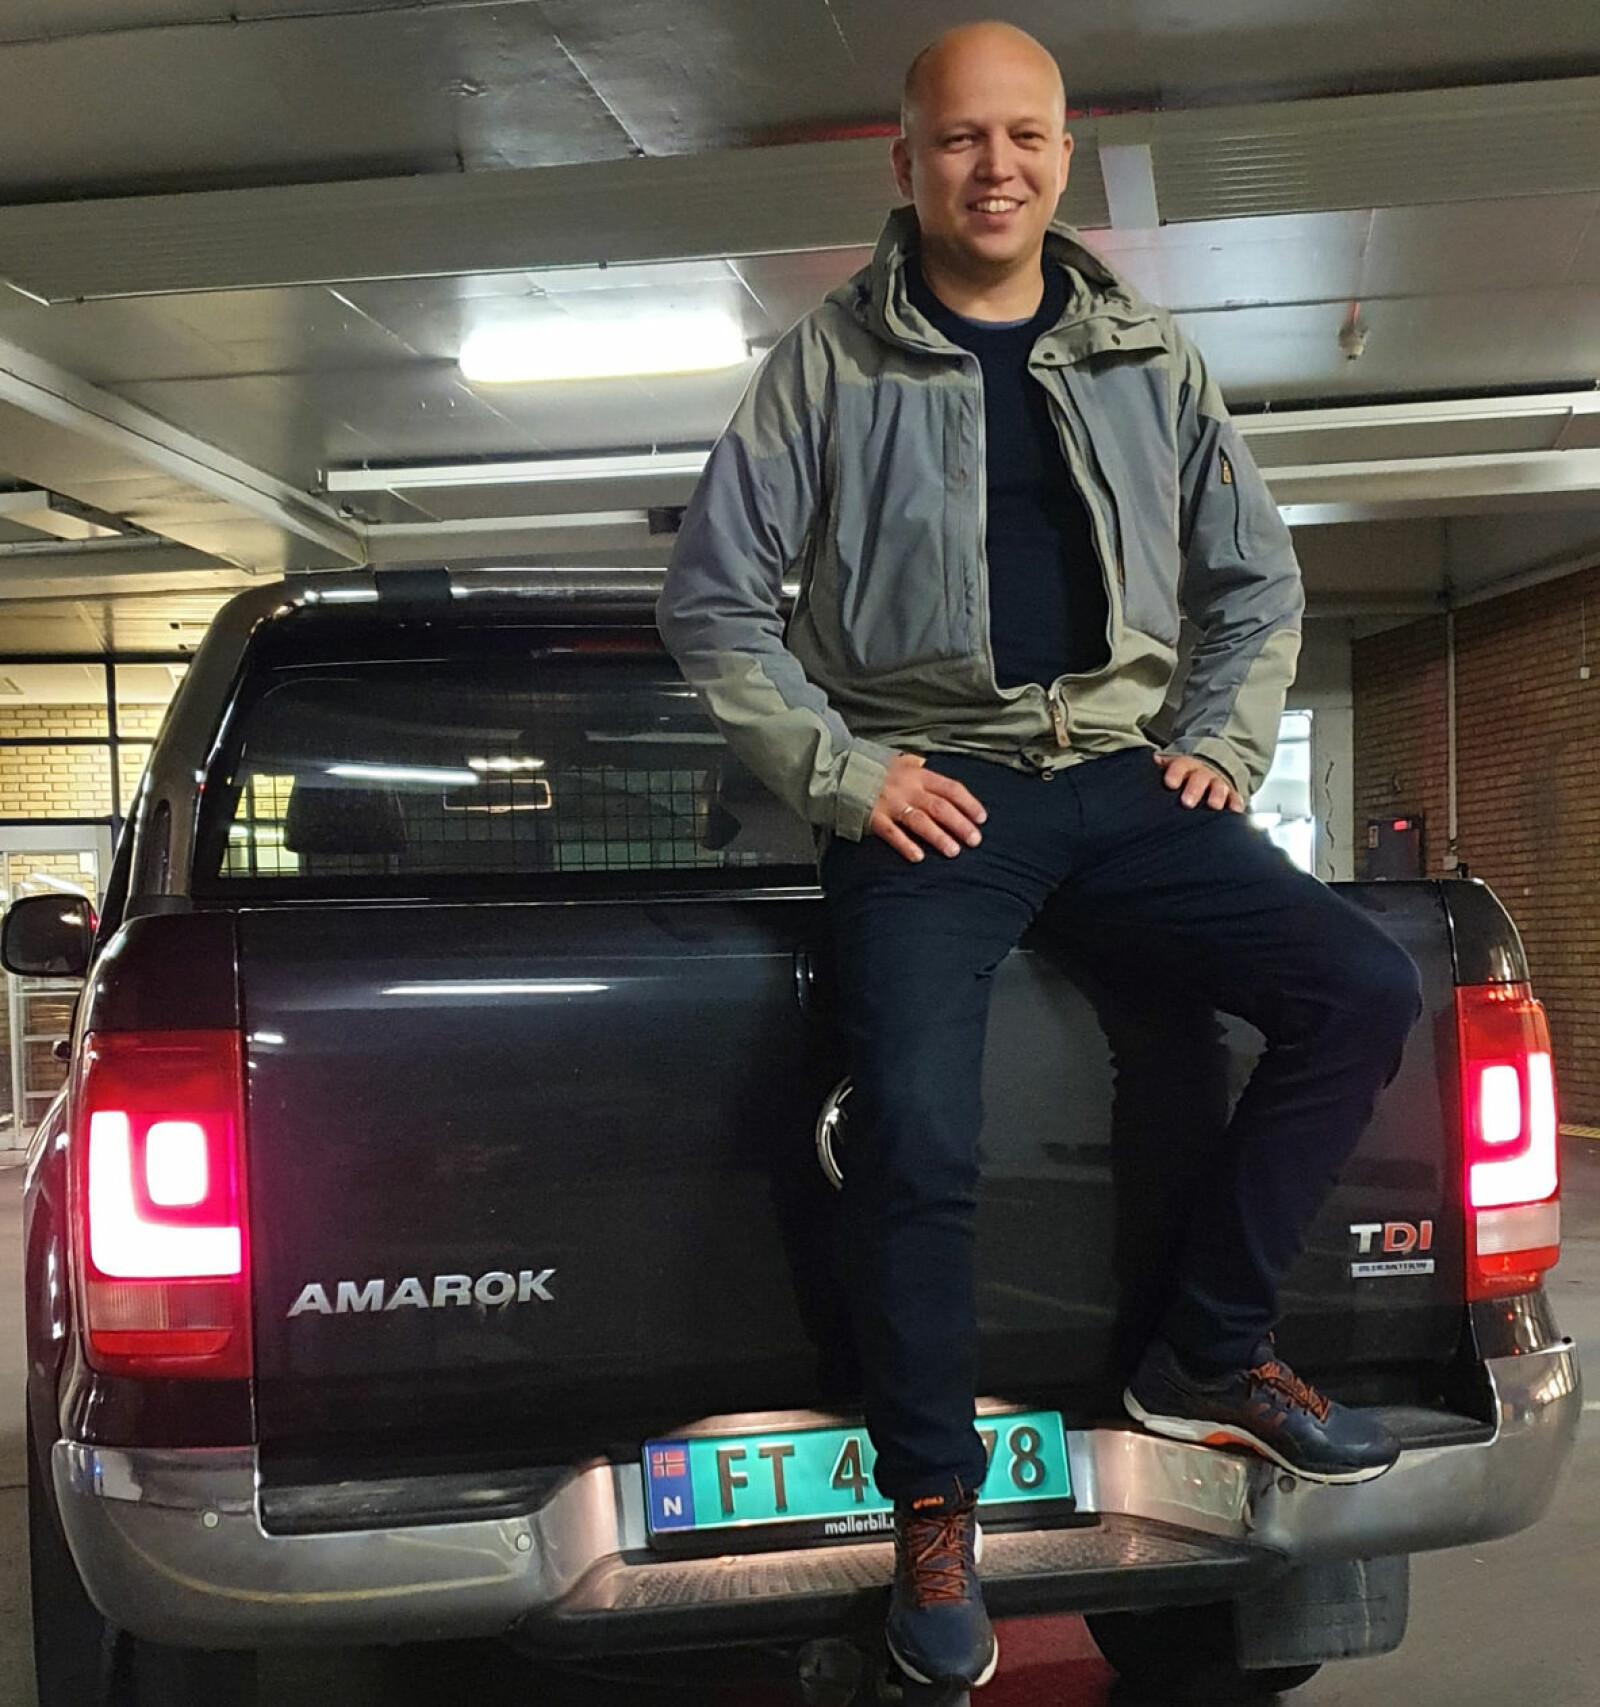 <strong>BILVALGET GIR NYE VELGERE:</strong> Trygve Slagsvold Vedum har erfart at VW Amarok gjør en god jobb som kontaktskaper uansett hvor han måtte stanse langs veien.